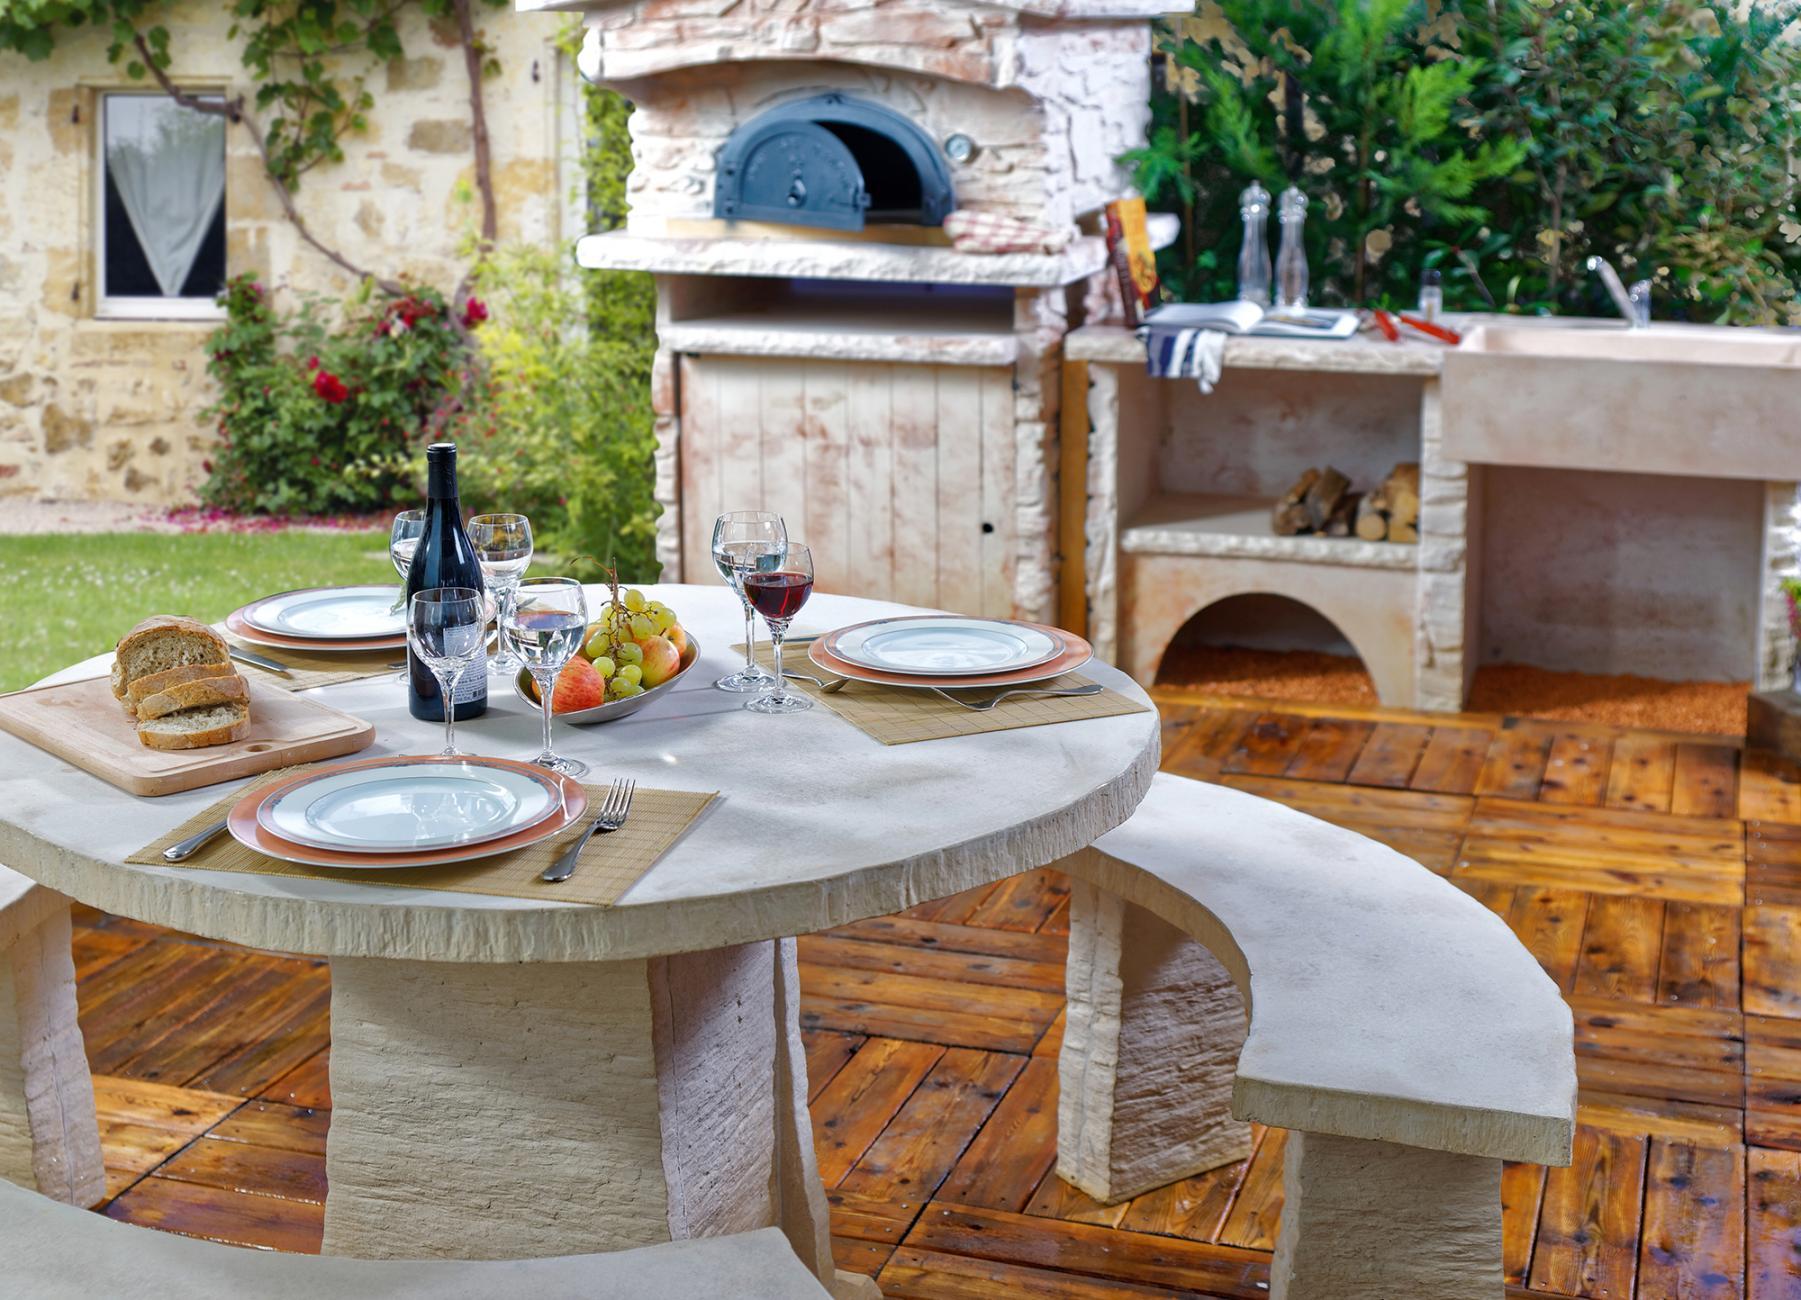 Cuisine d\'été extérieure avec four à pizza et salon de jardin